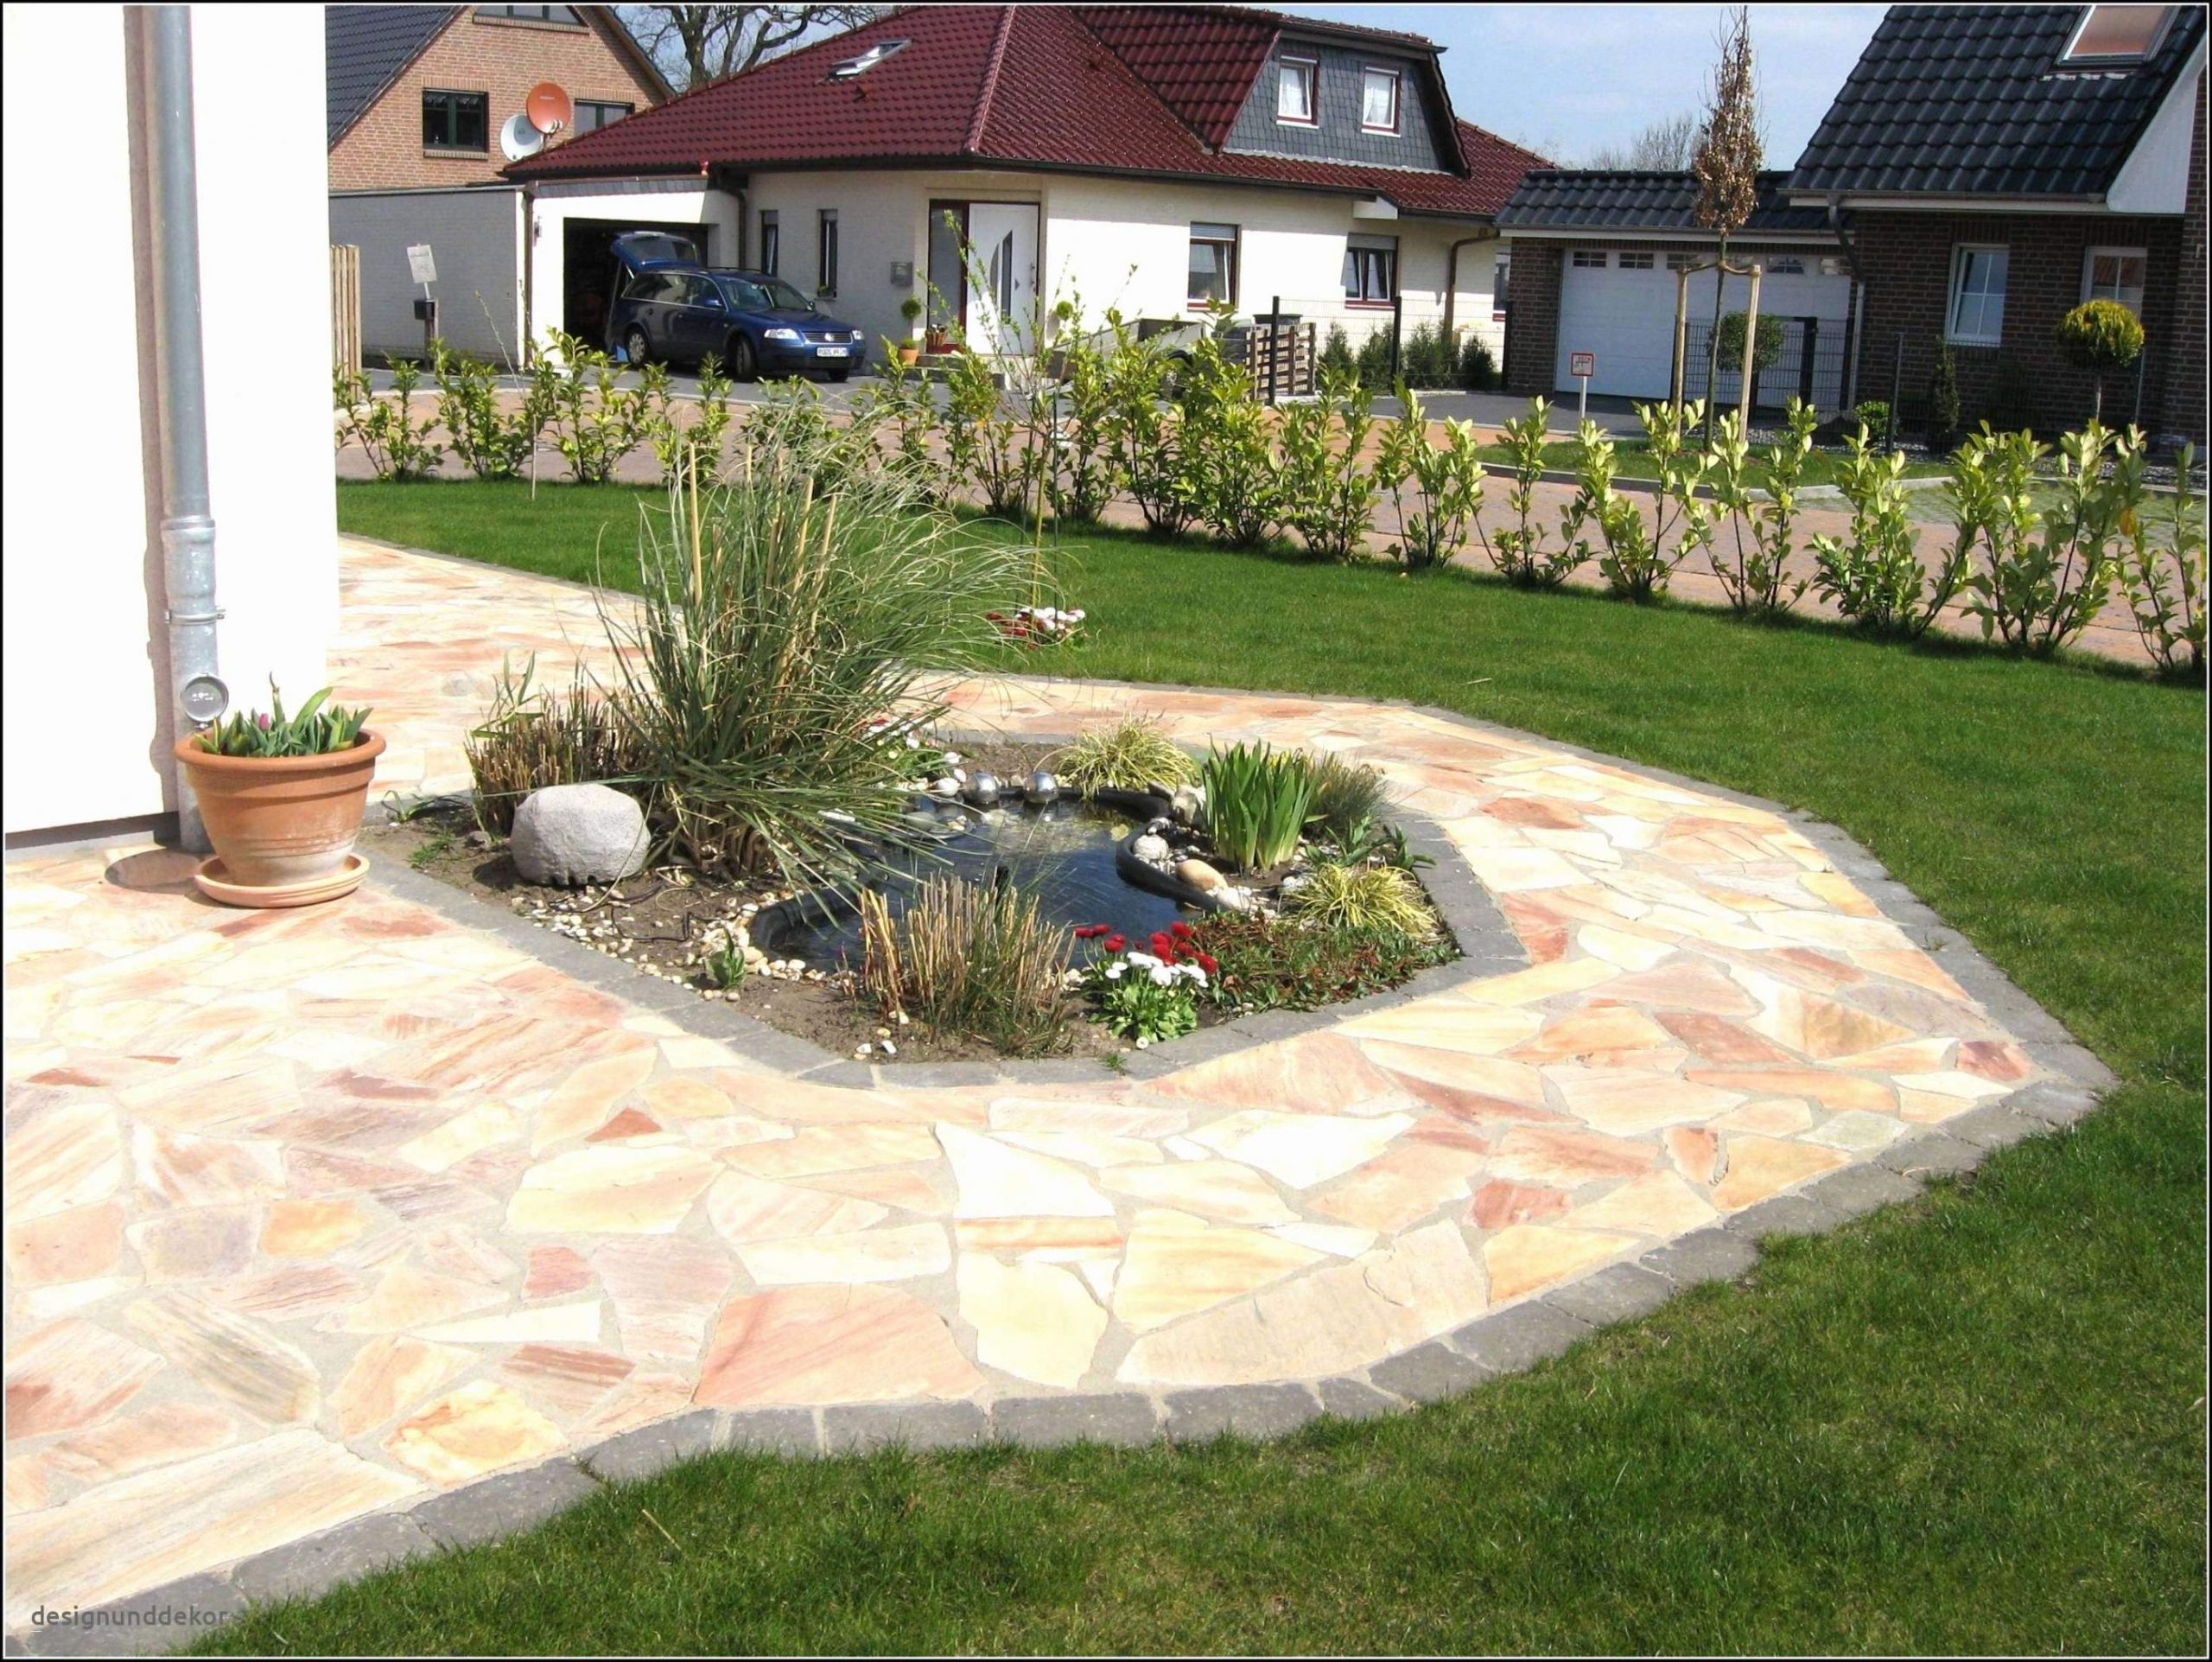 Sitzplatz Garten Gestalten Einzigartig 38 Inspirierend Garten Hanglage Gestaltung Bilder Das Beste